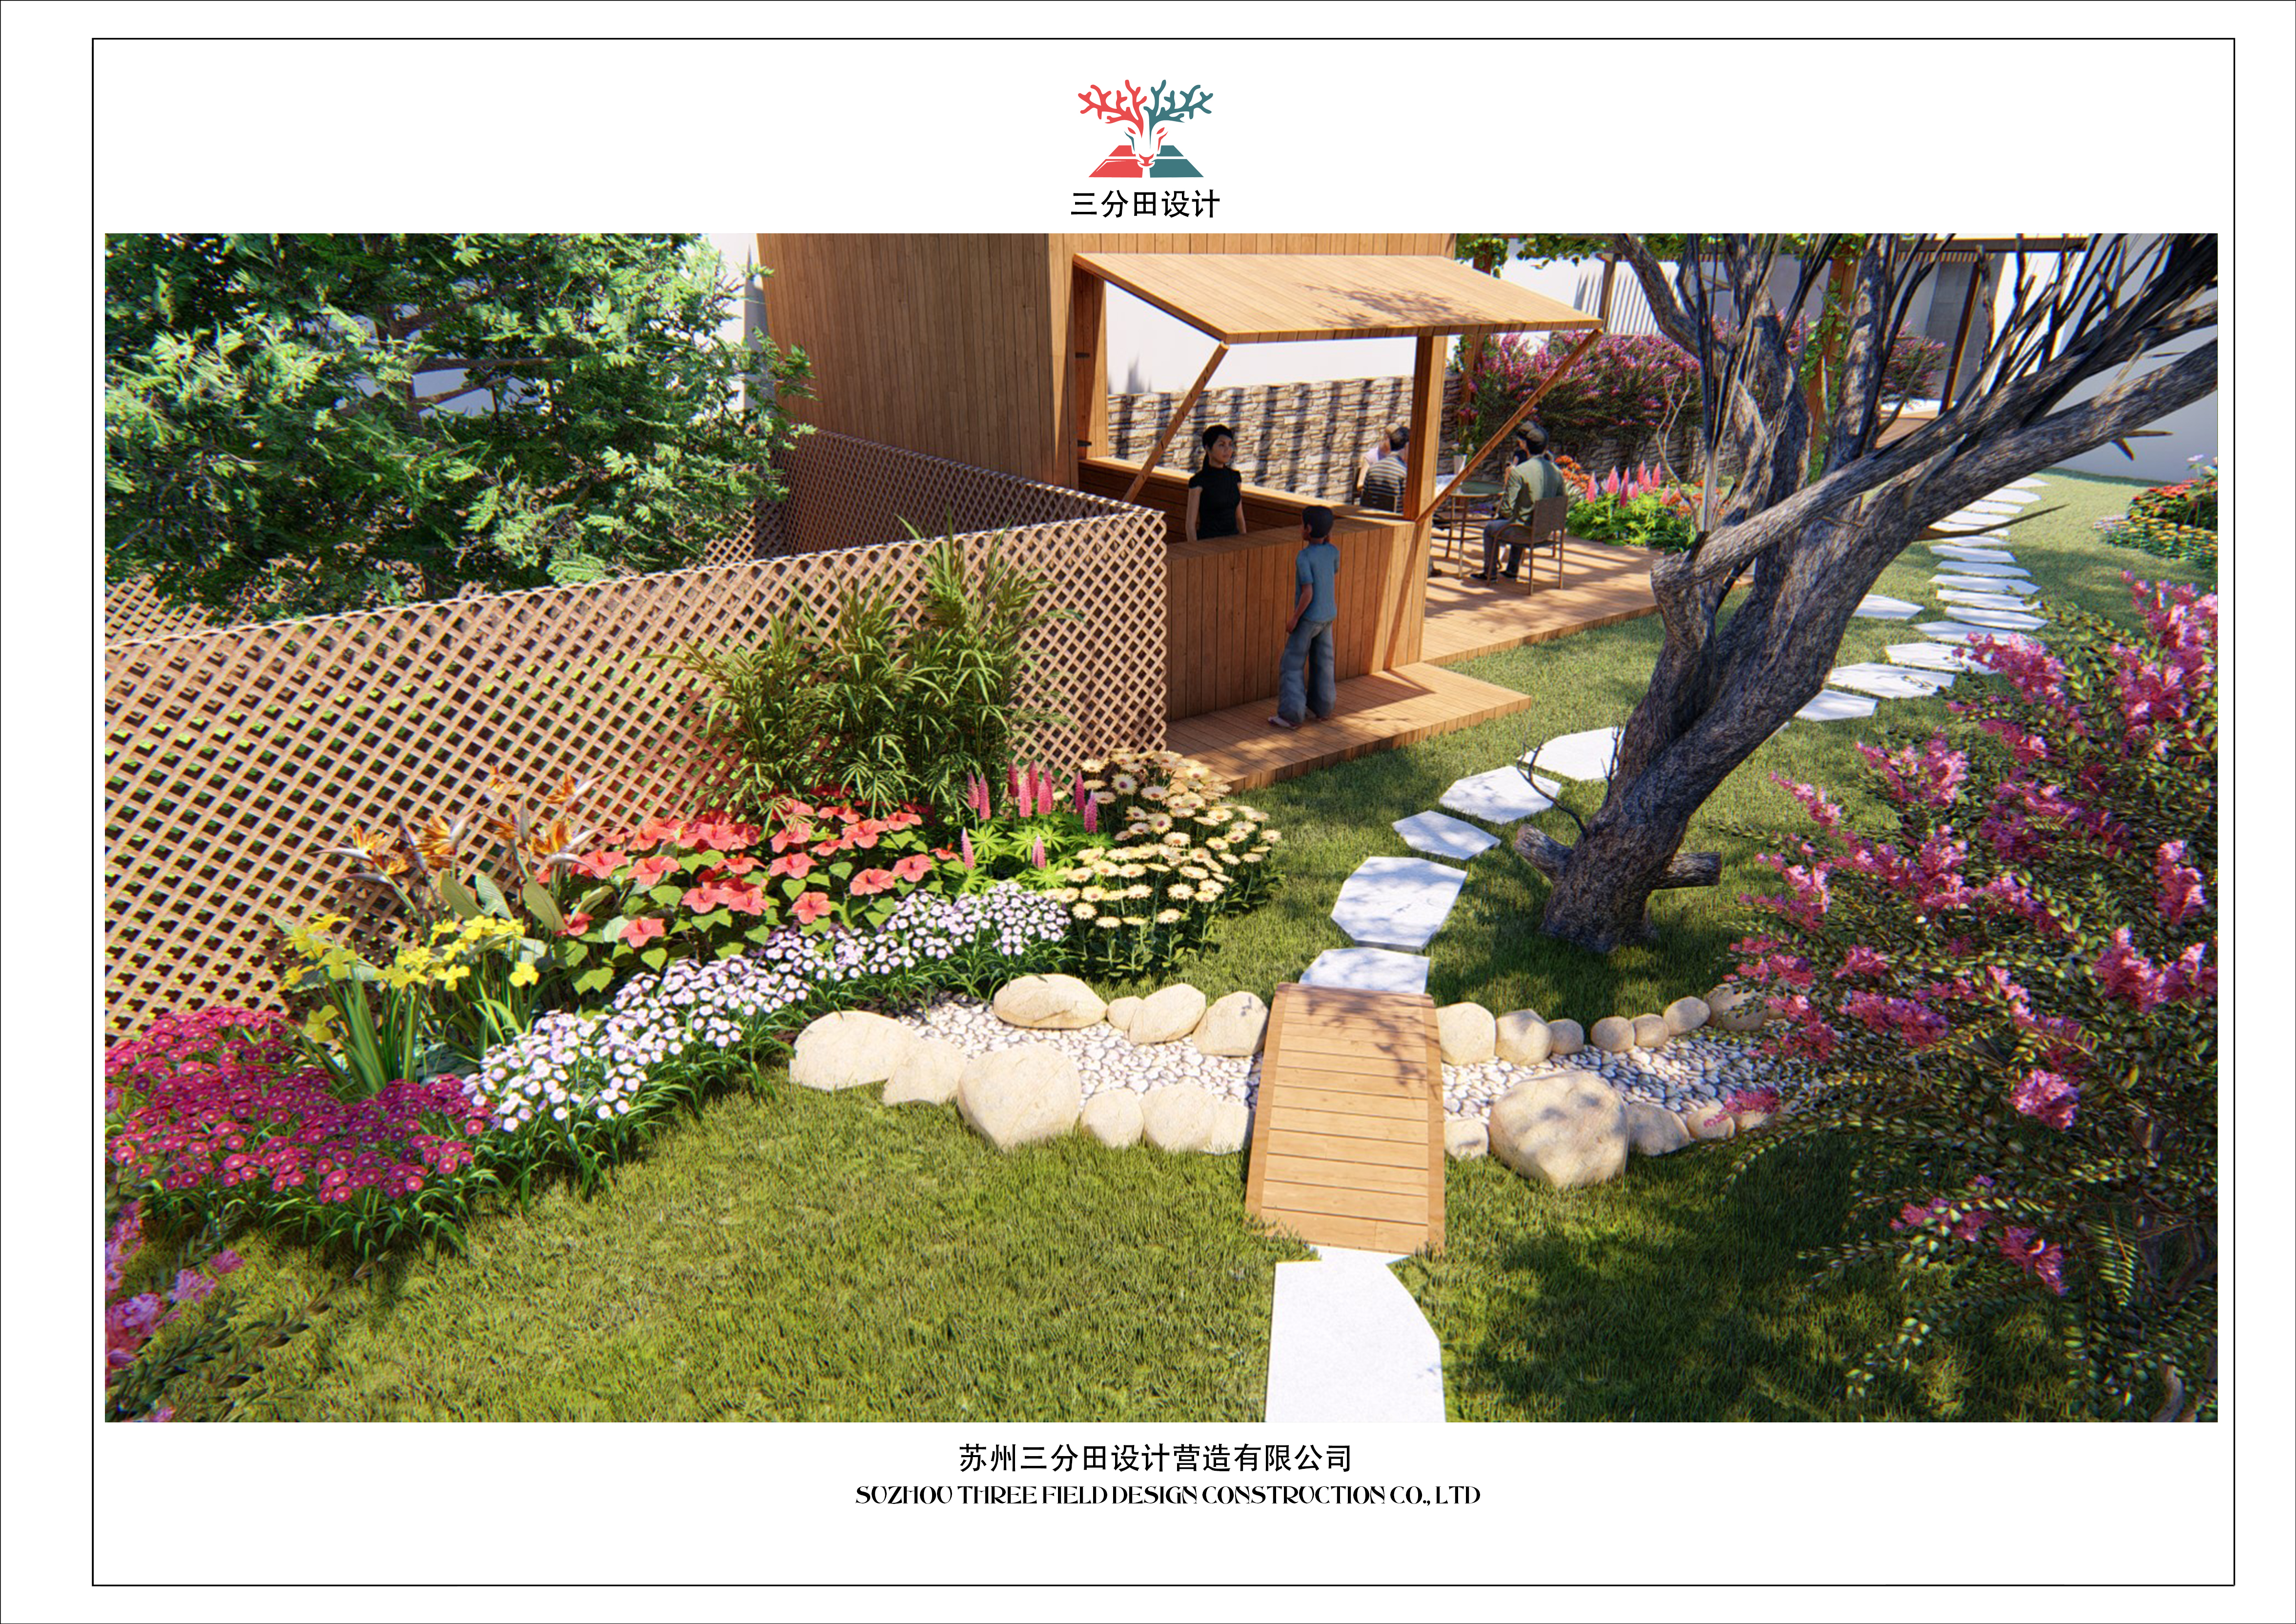 寺庙古建设计 园林景观 别墅景观设计 商业景观设计民宿设计